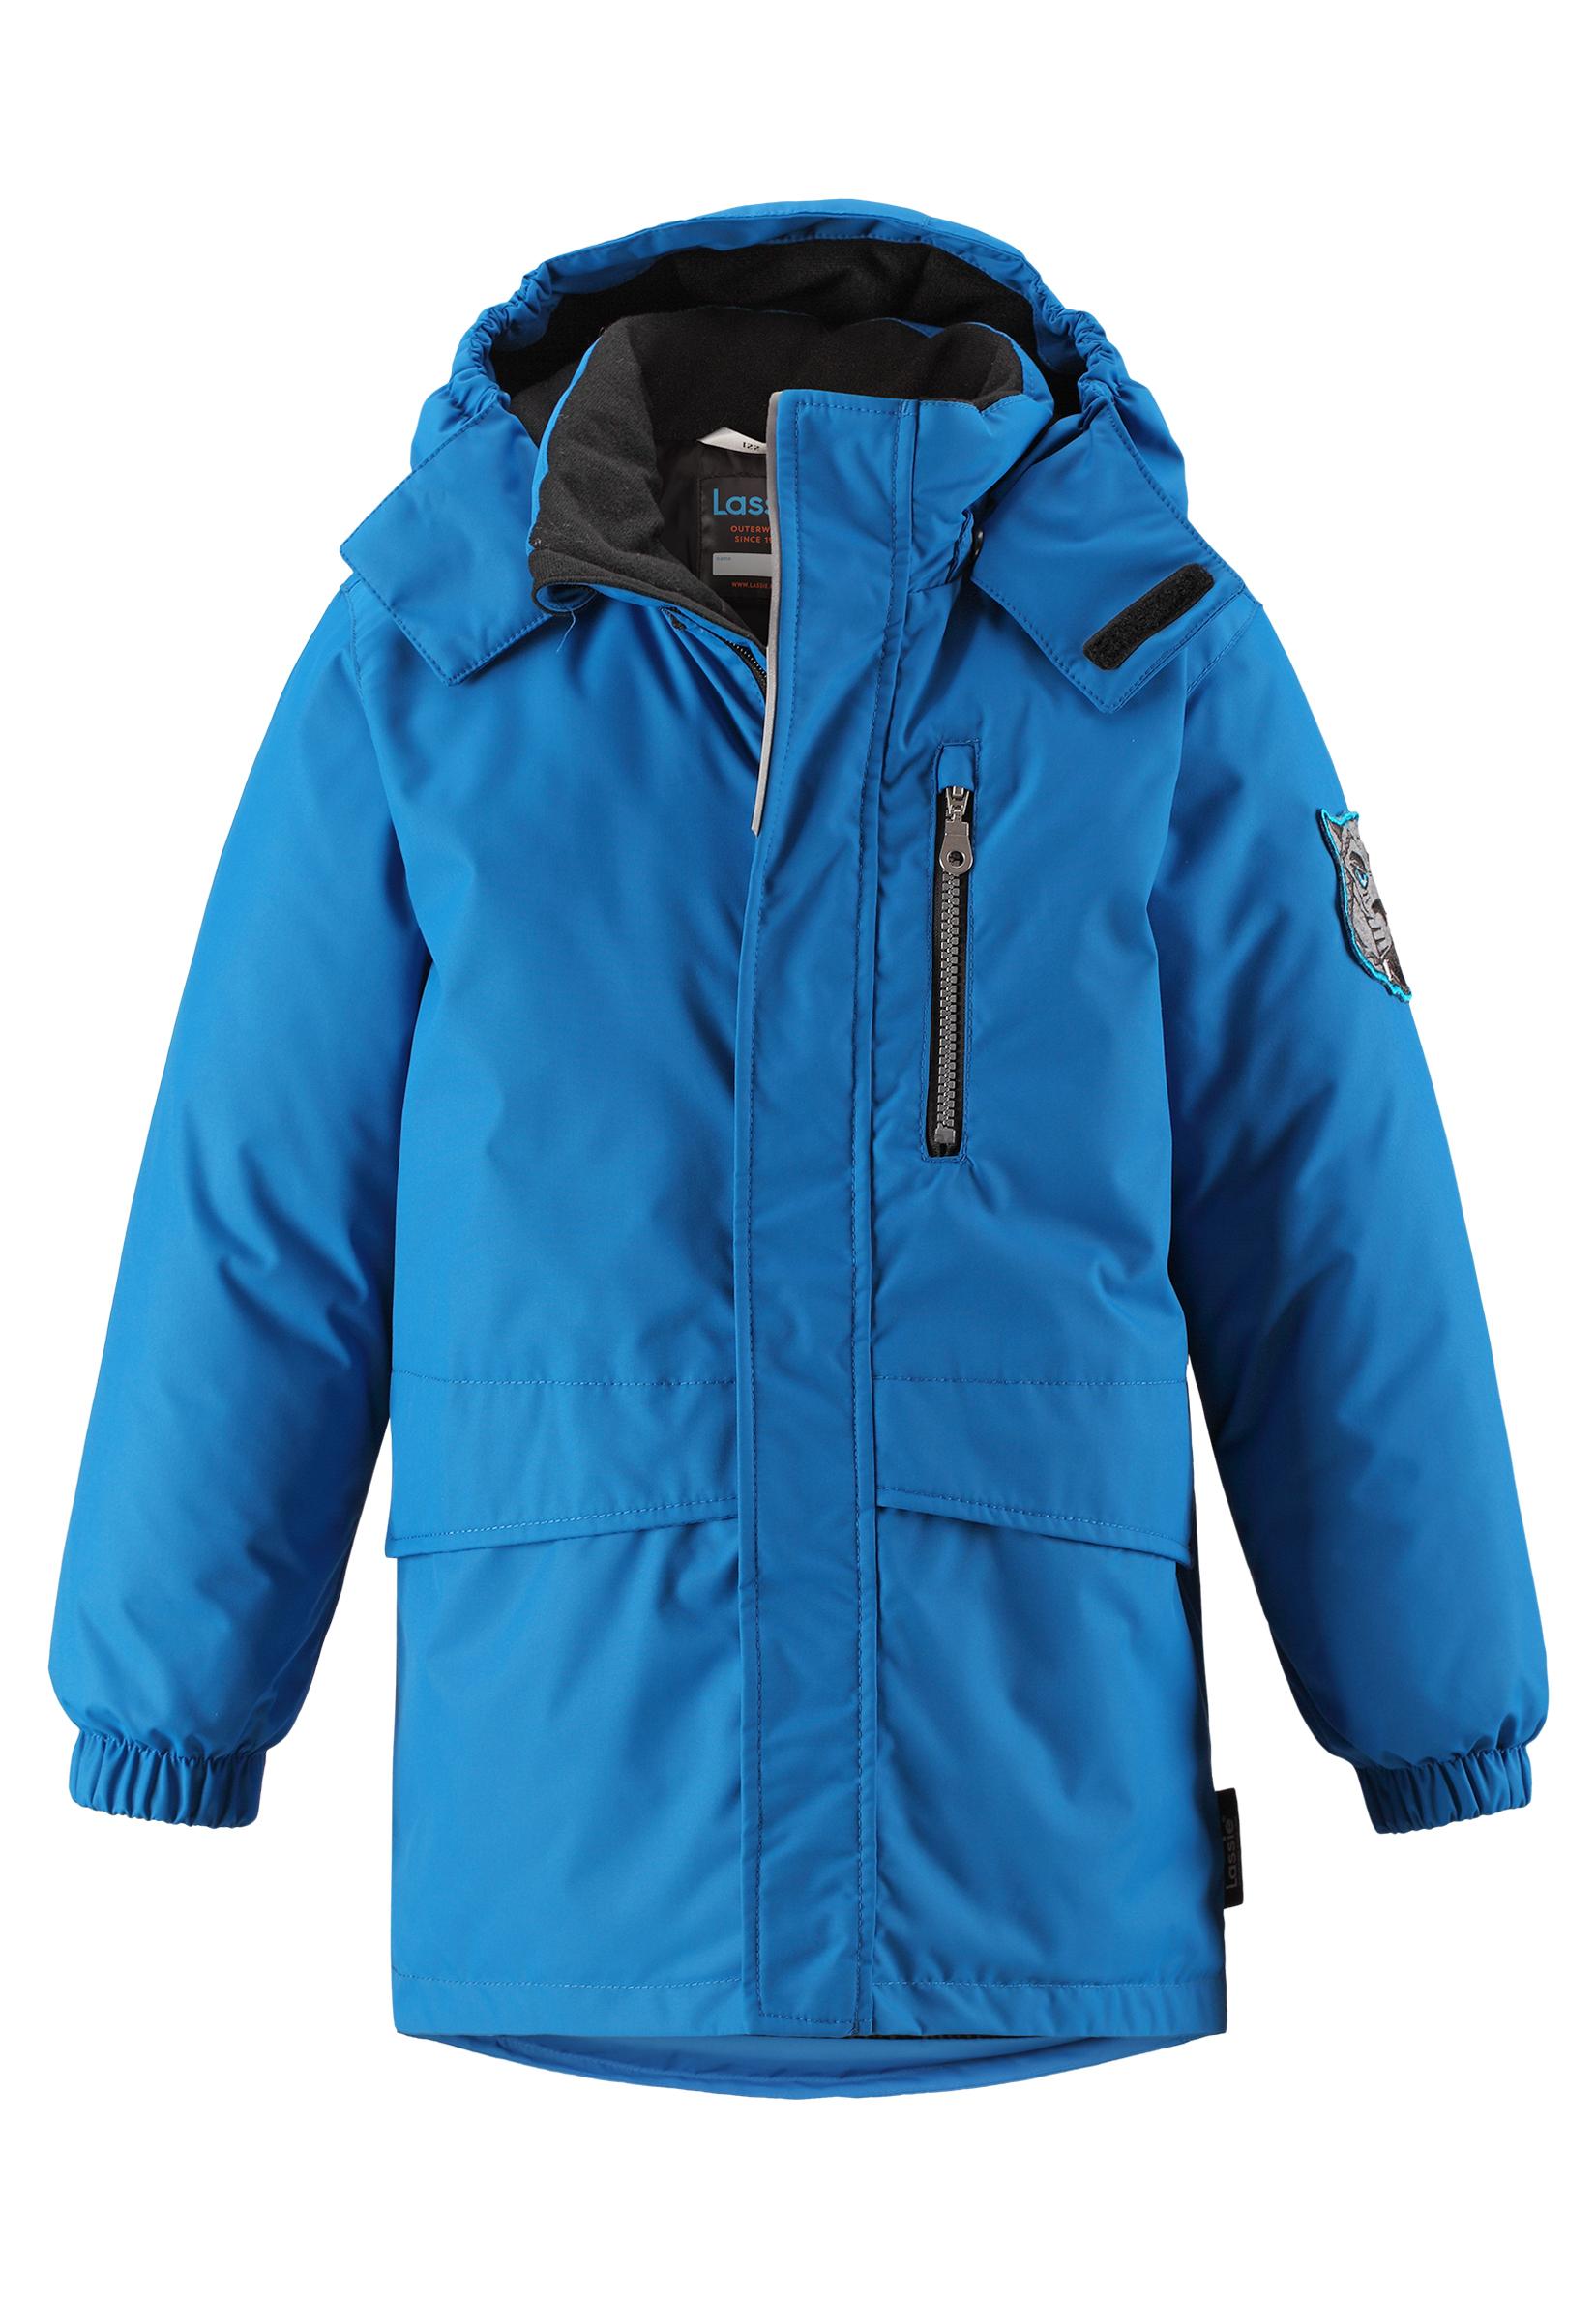 Купить Куртки, Куртка для мальчика Lassie, синяя, Китай, синий, Мужской